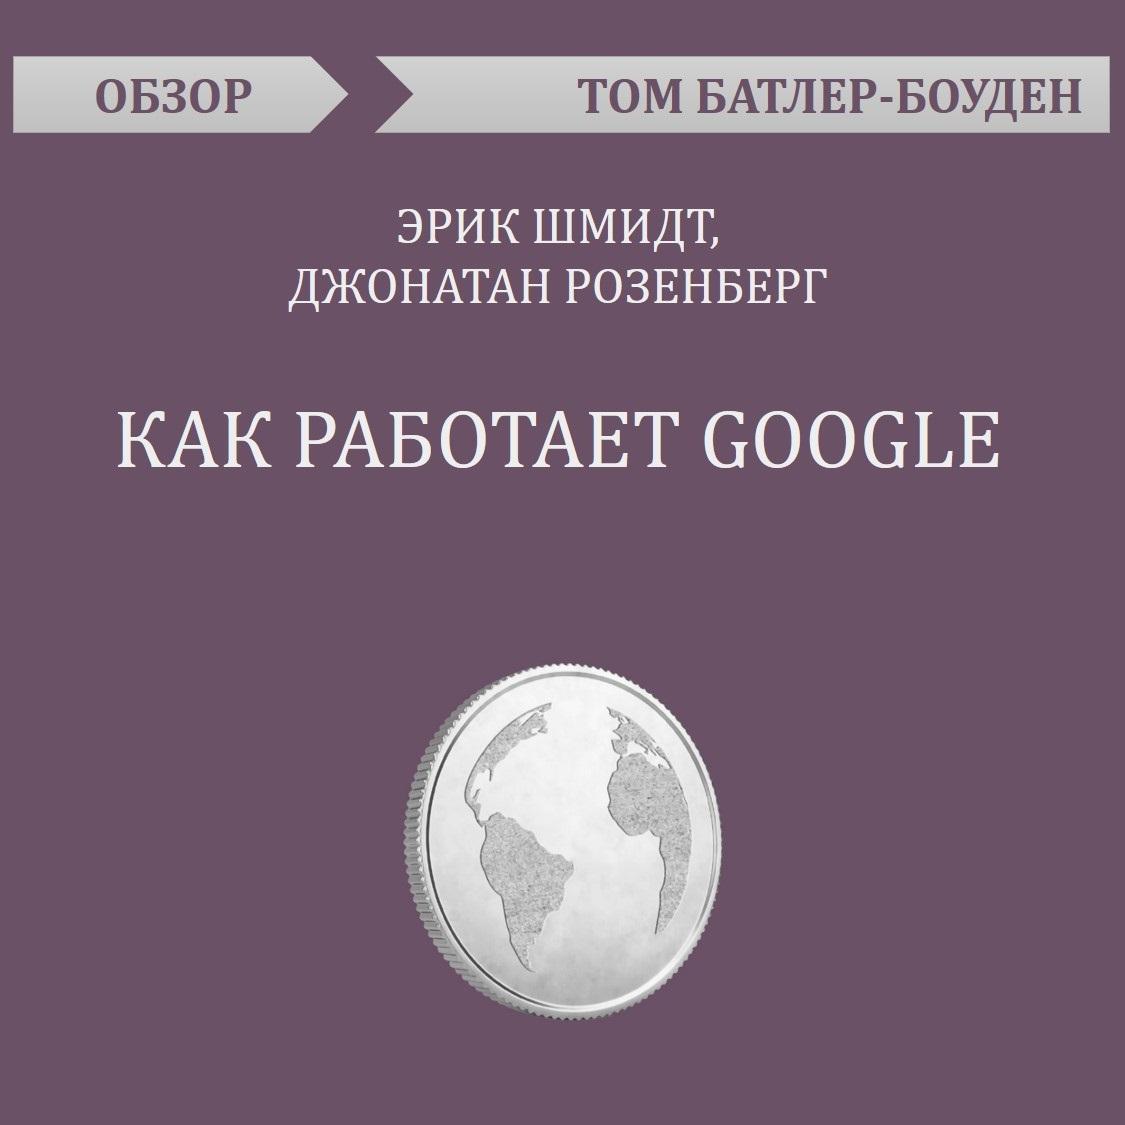 Купить книгу Как работает Google. Эрик Шмидт, Джонатан Розенберг (обзор), автора Тома Батлера-Боудона